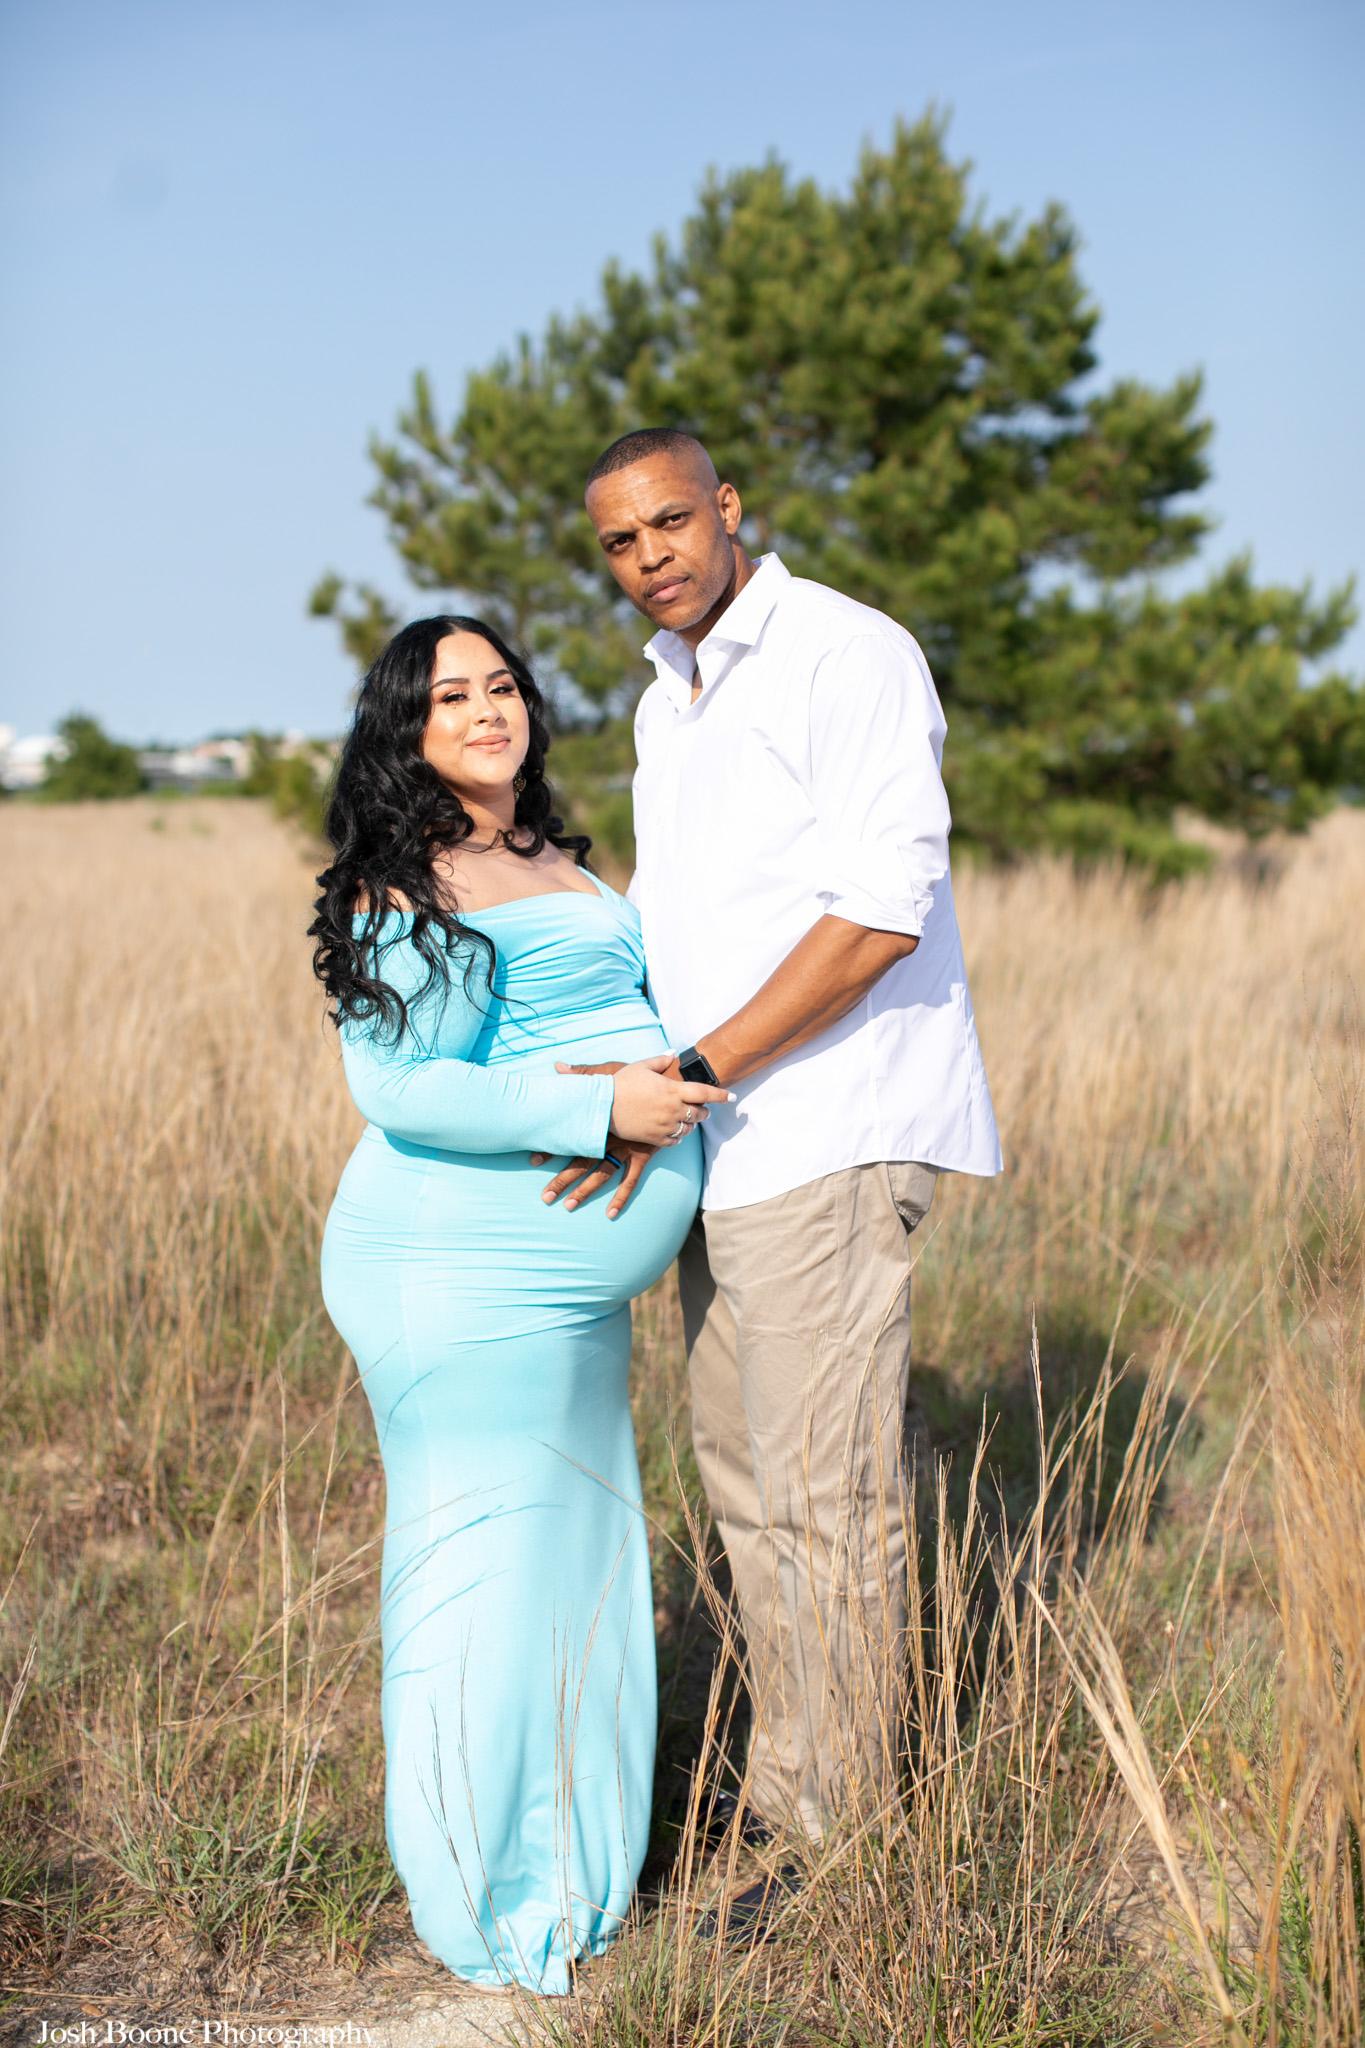 pleasure_house_point_maternity_photos.jpg